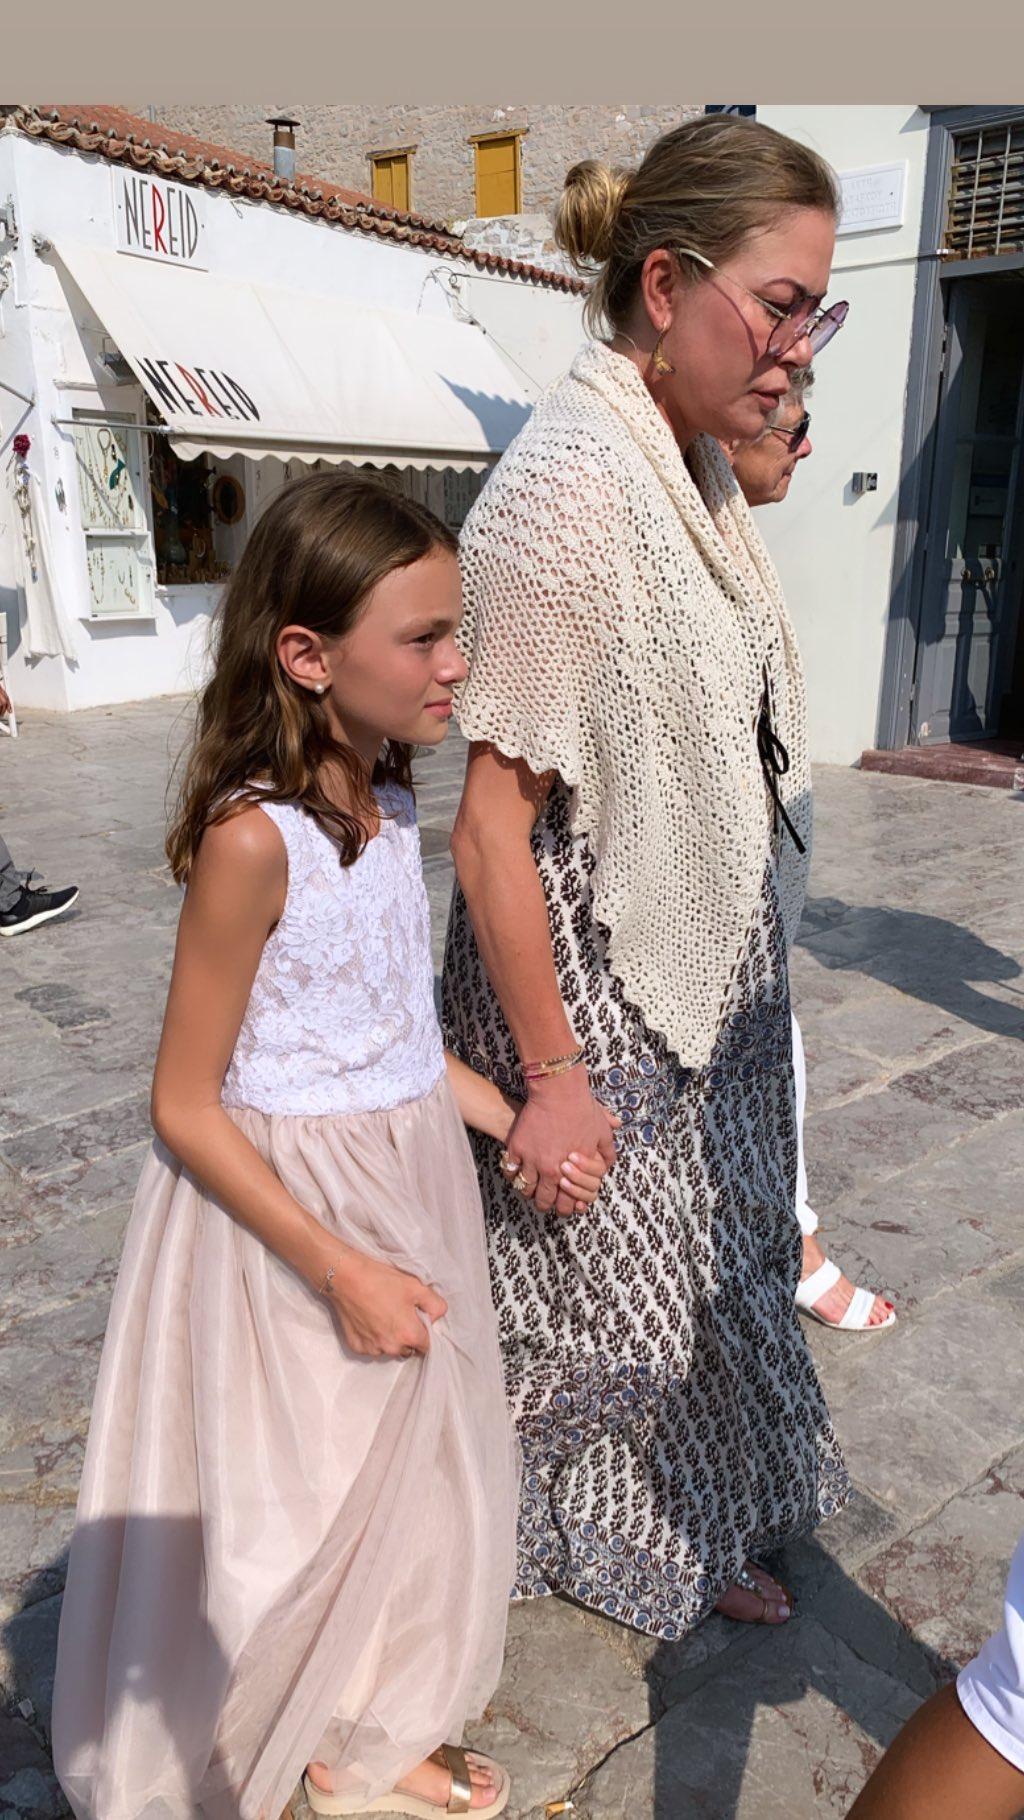 Αλεξάνδρα Πασχαλίδου: Βάφτισε την 11χρονη κόρη της με νονούς τον Γιάννη και την Μελίσσα Βαρδινογιάννη! [pics]